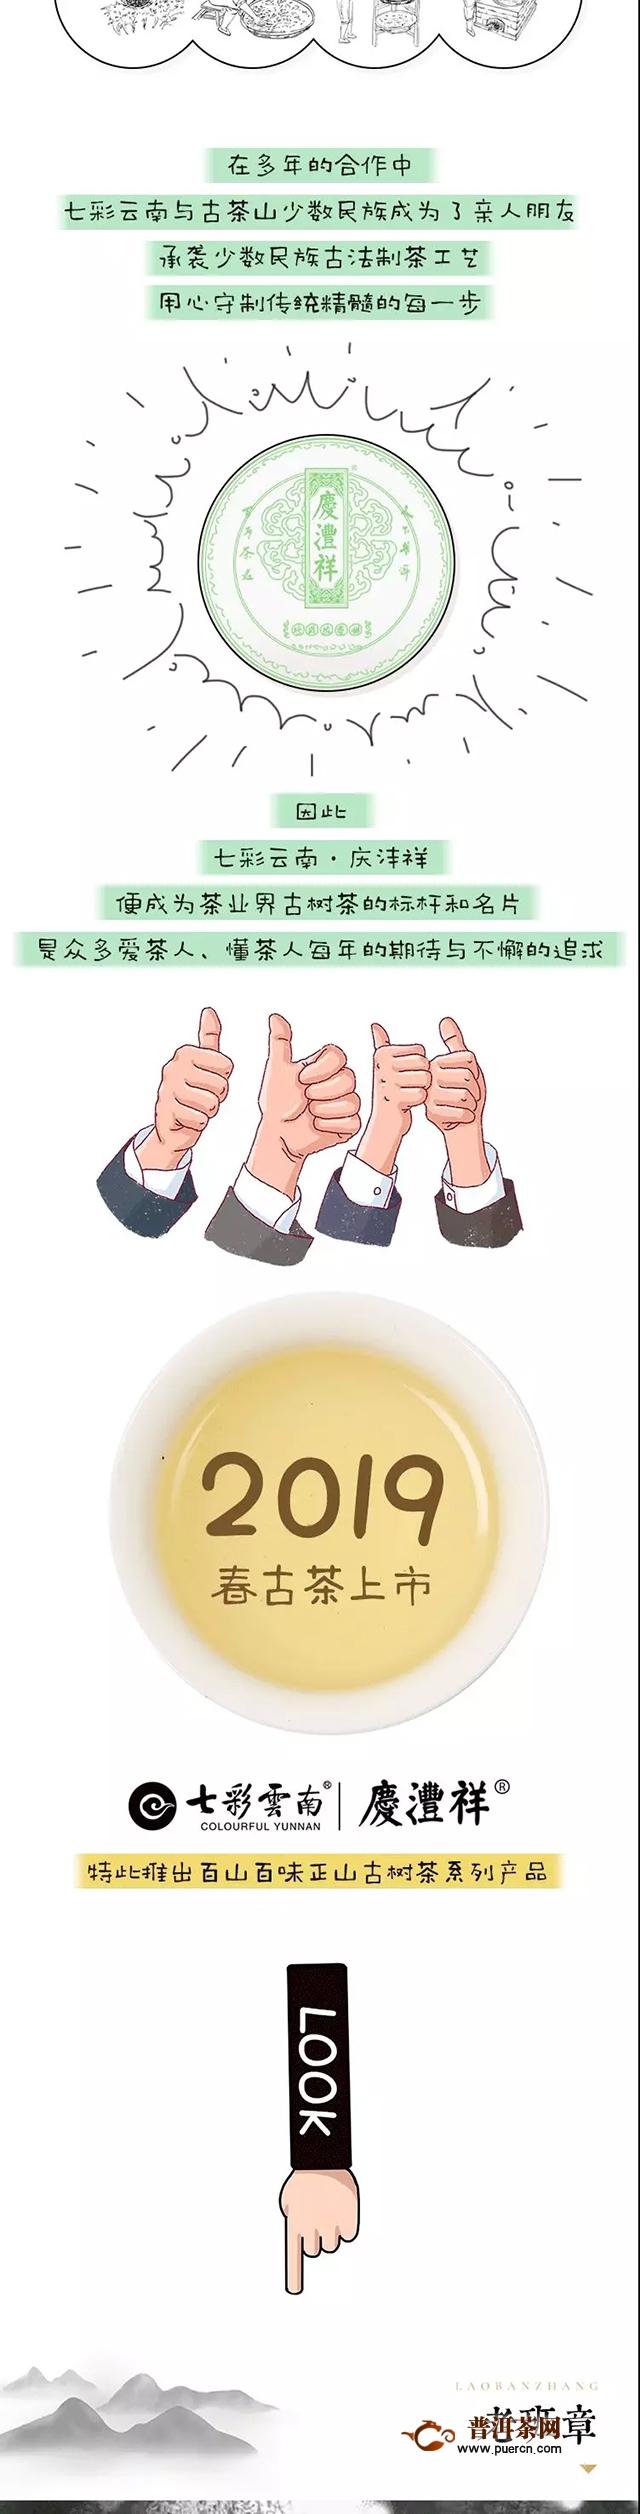 【揭秘】云南古树茶百山百味的生命密码!